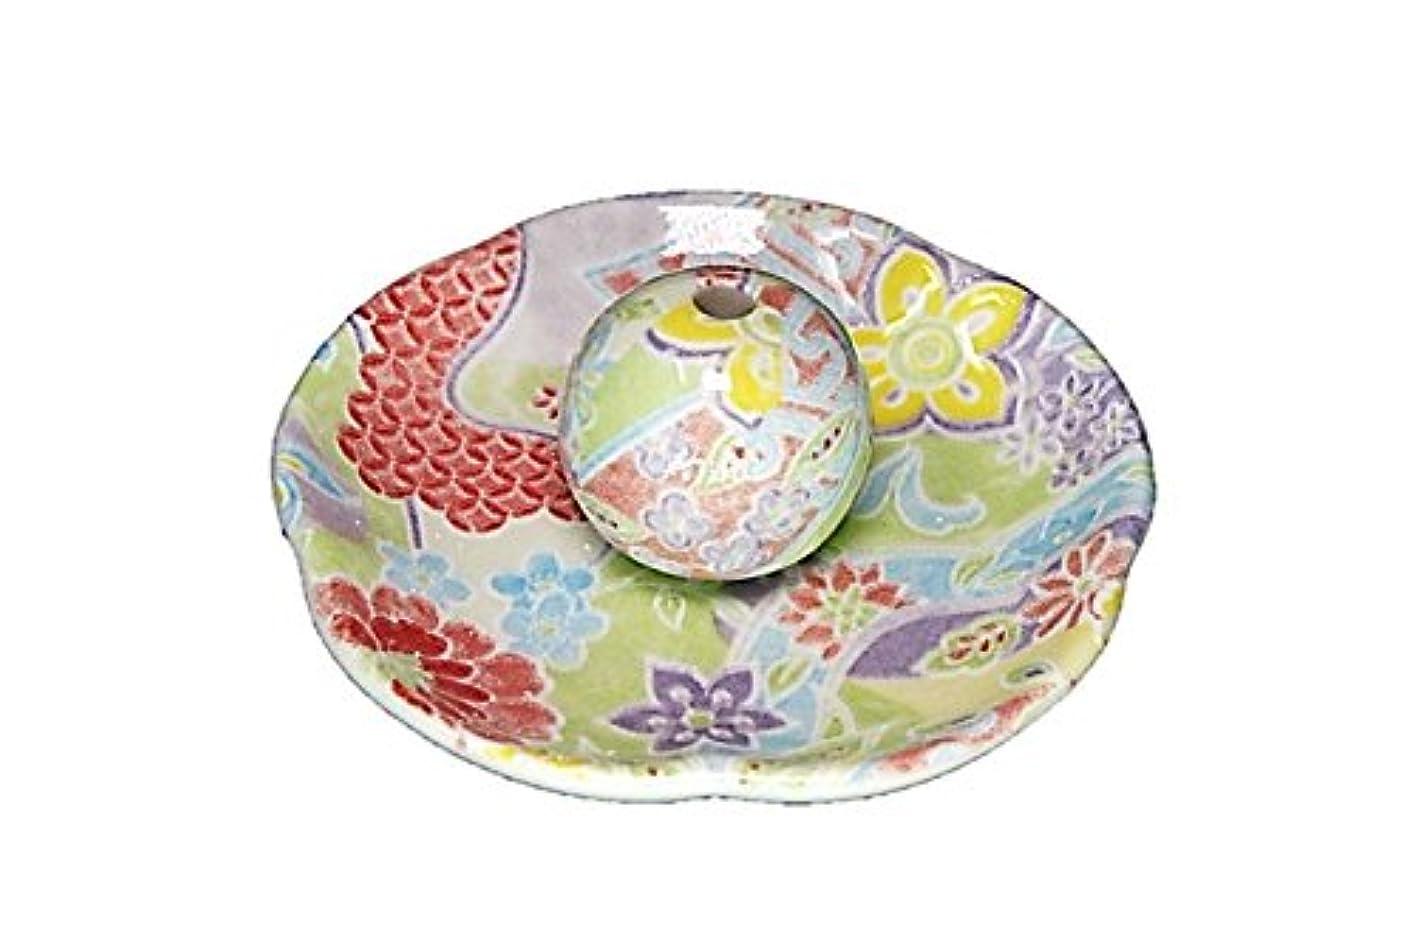 証言する変装した広々華舞 花形香皿 お香立て 日本製 製造 直売